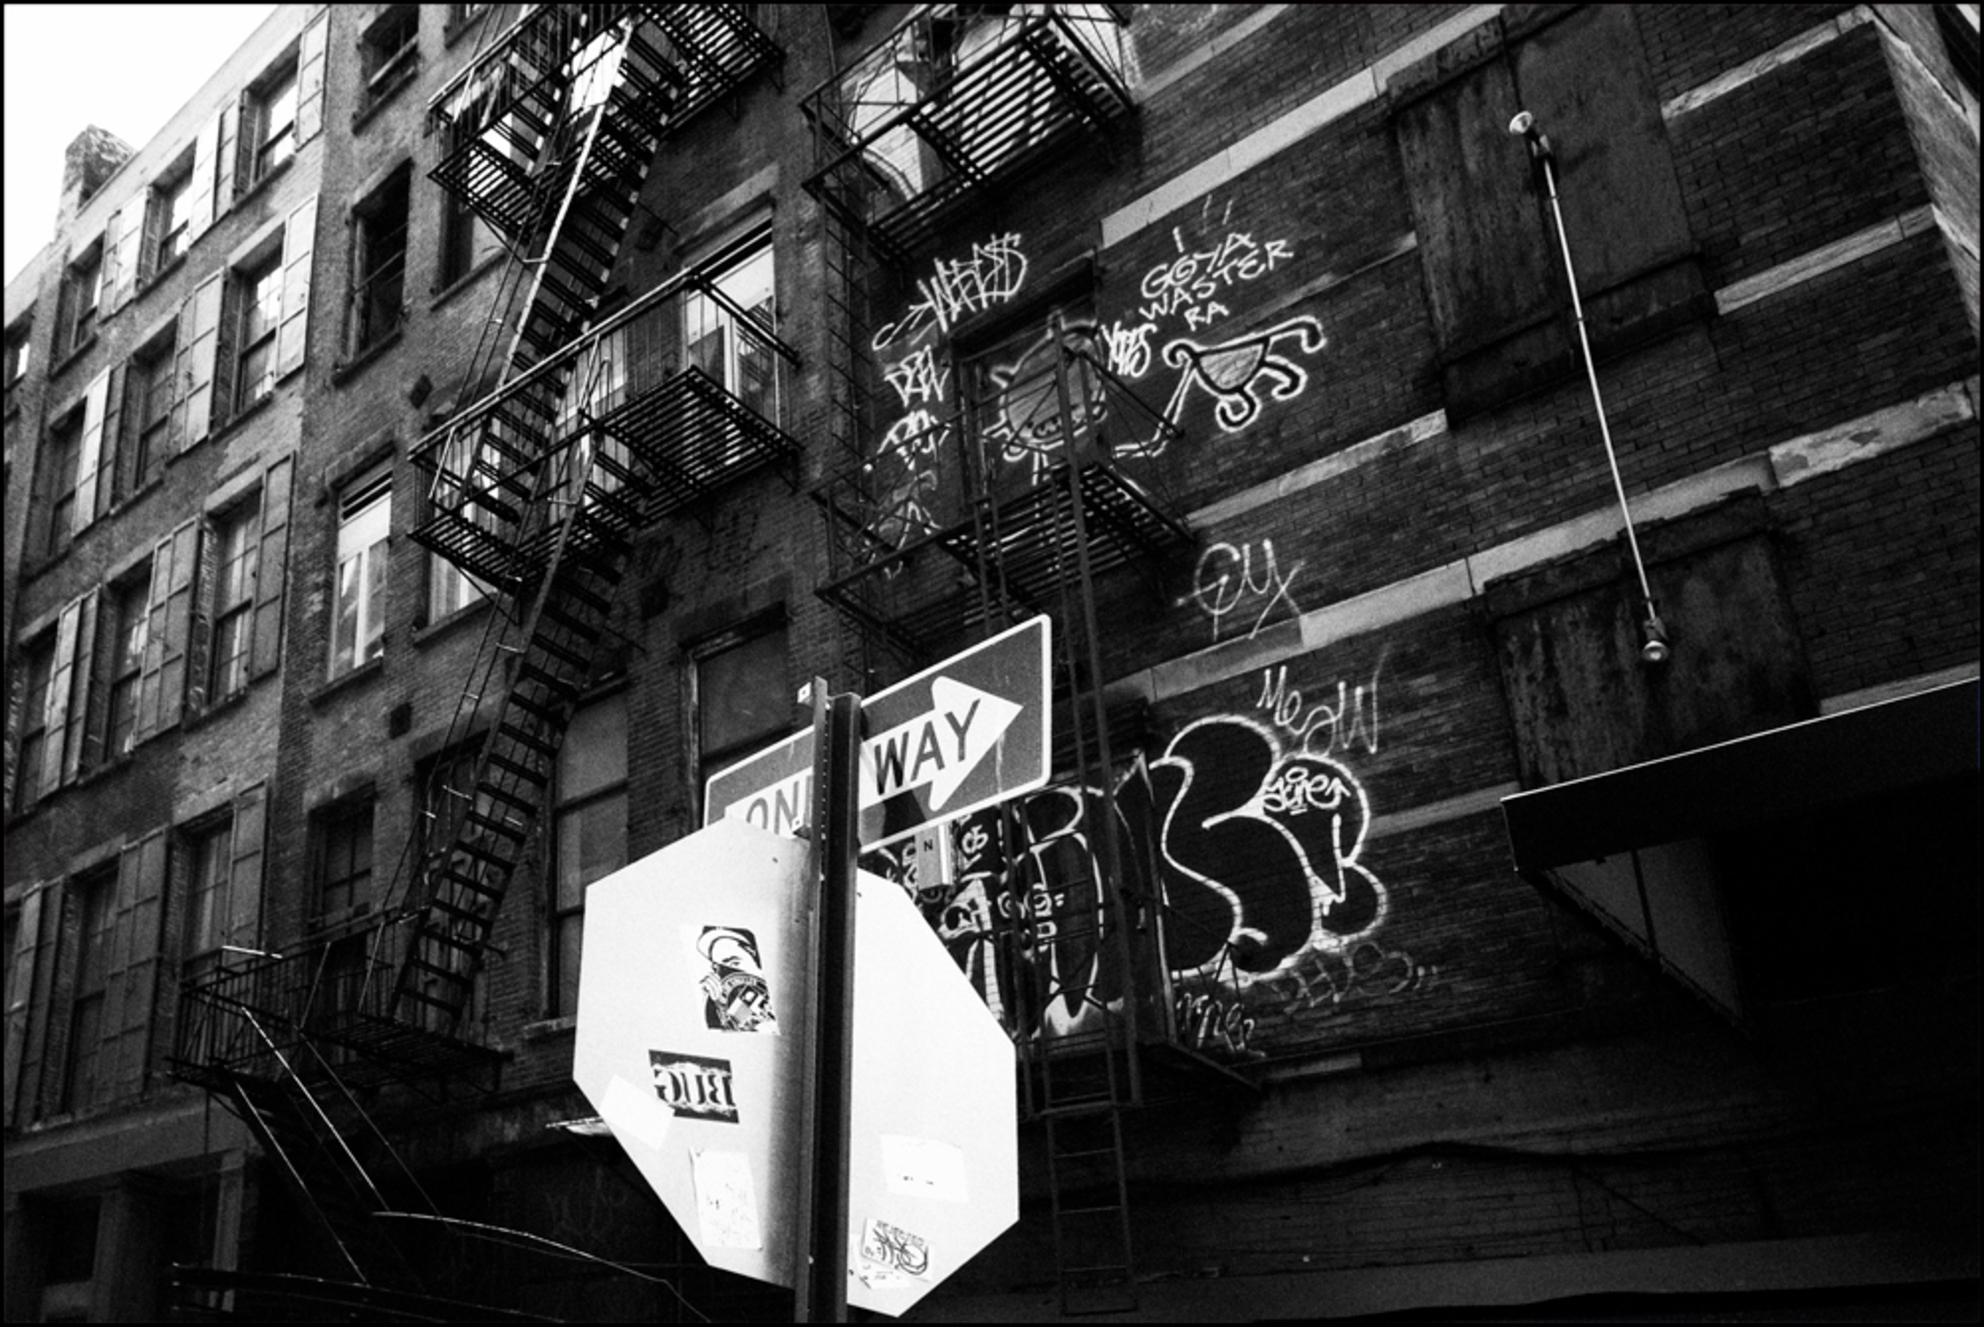 Alley stairs BW - - - foto door IdeB op 21-01-2010 - deze foto bevat: trappen, steegje, stairs, alley, New York, zwart wit, Black and white - Deze foto mag gebruikt worden in een Zoom.nl publicatie